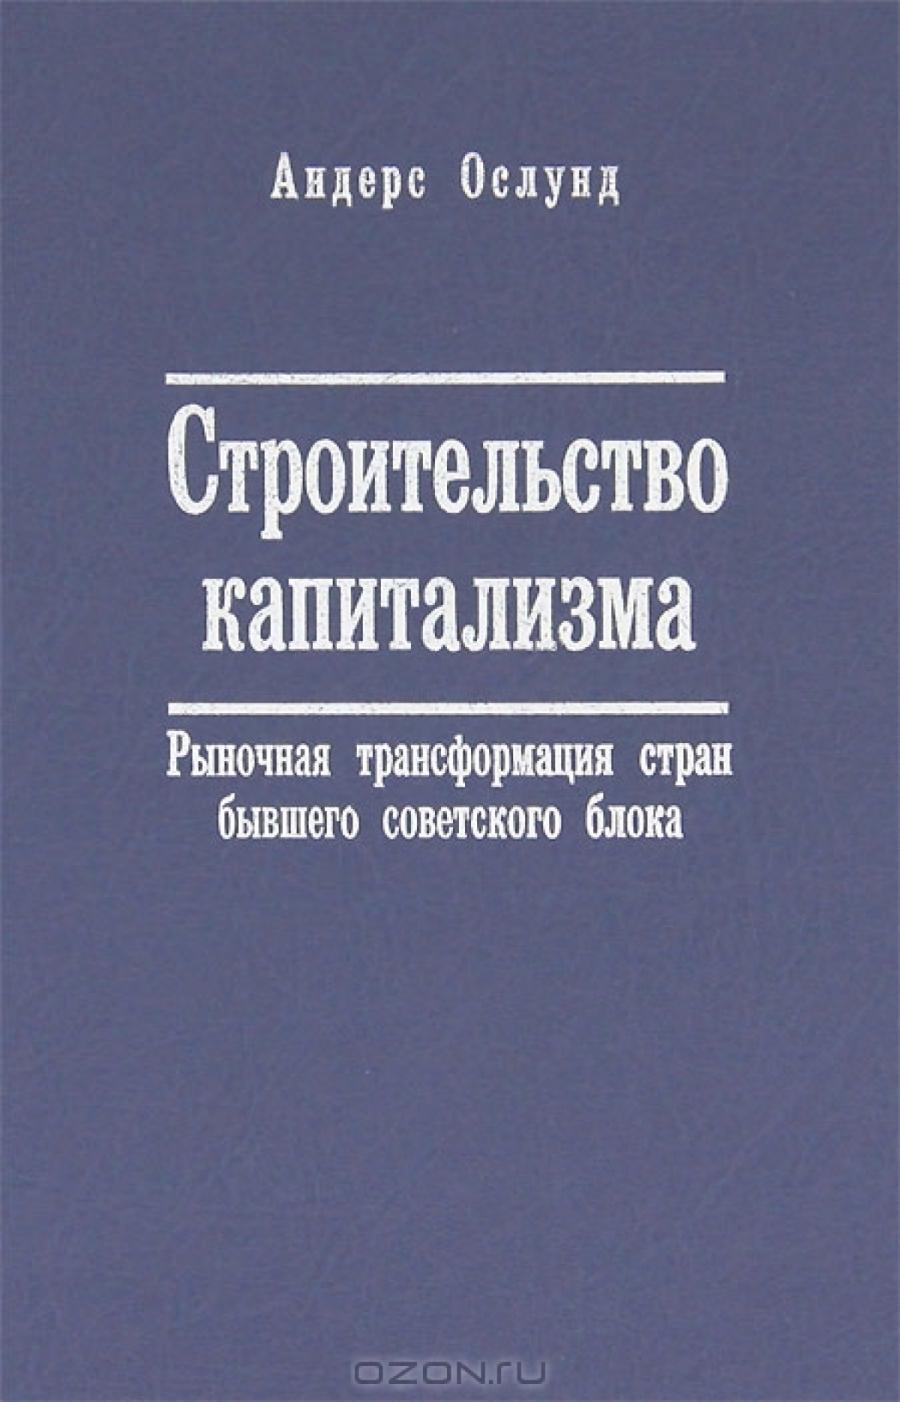 Обложка книги:  ослунд а. - строительство капитализма. рыночная трансформация стран бывшего советского блока